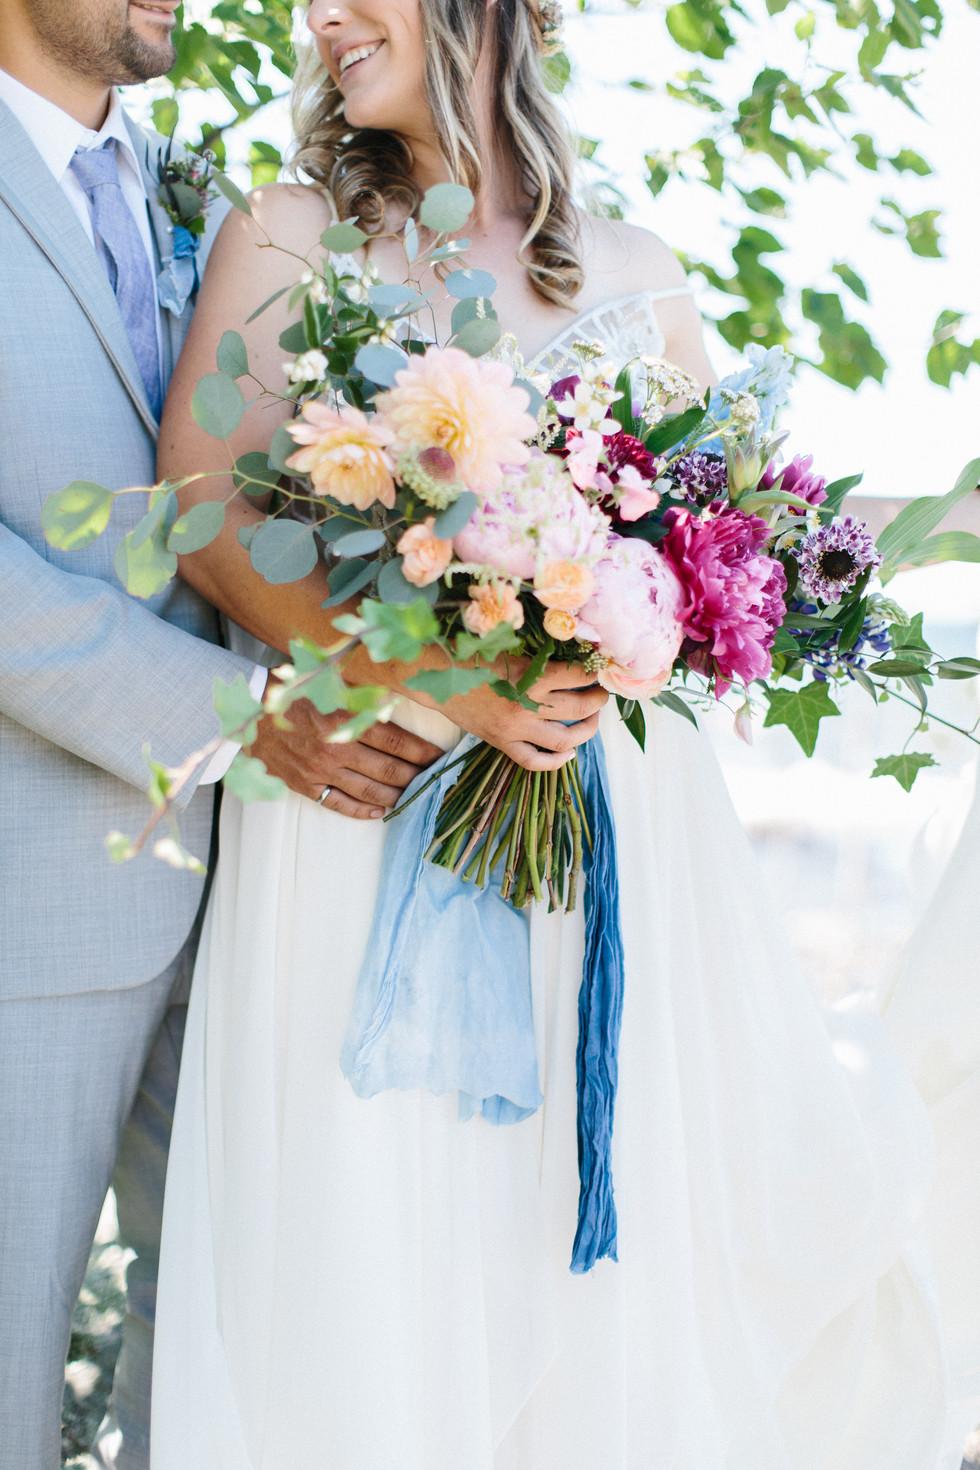 Stefanie & Dave Wedding 2017-49.jpg